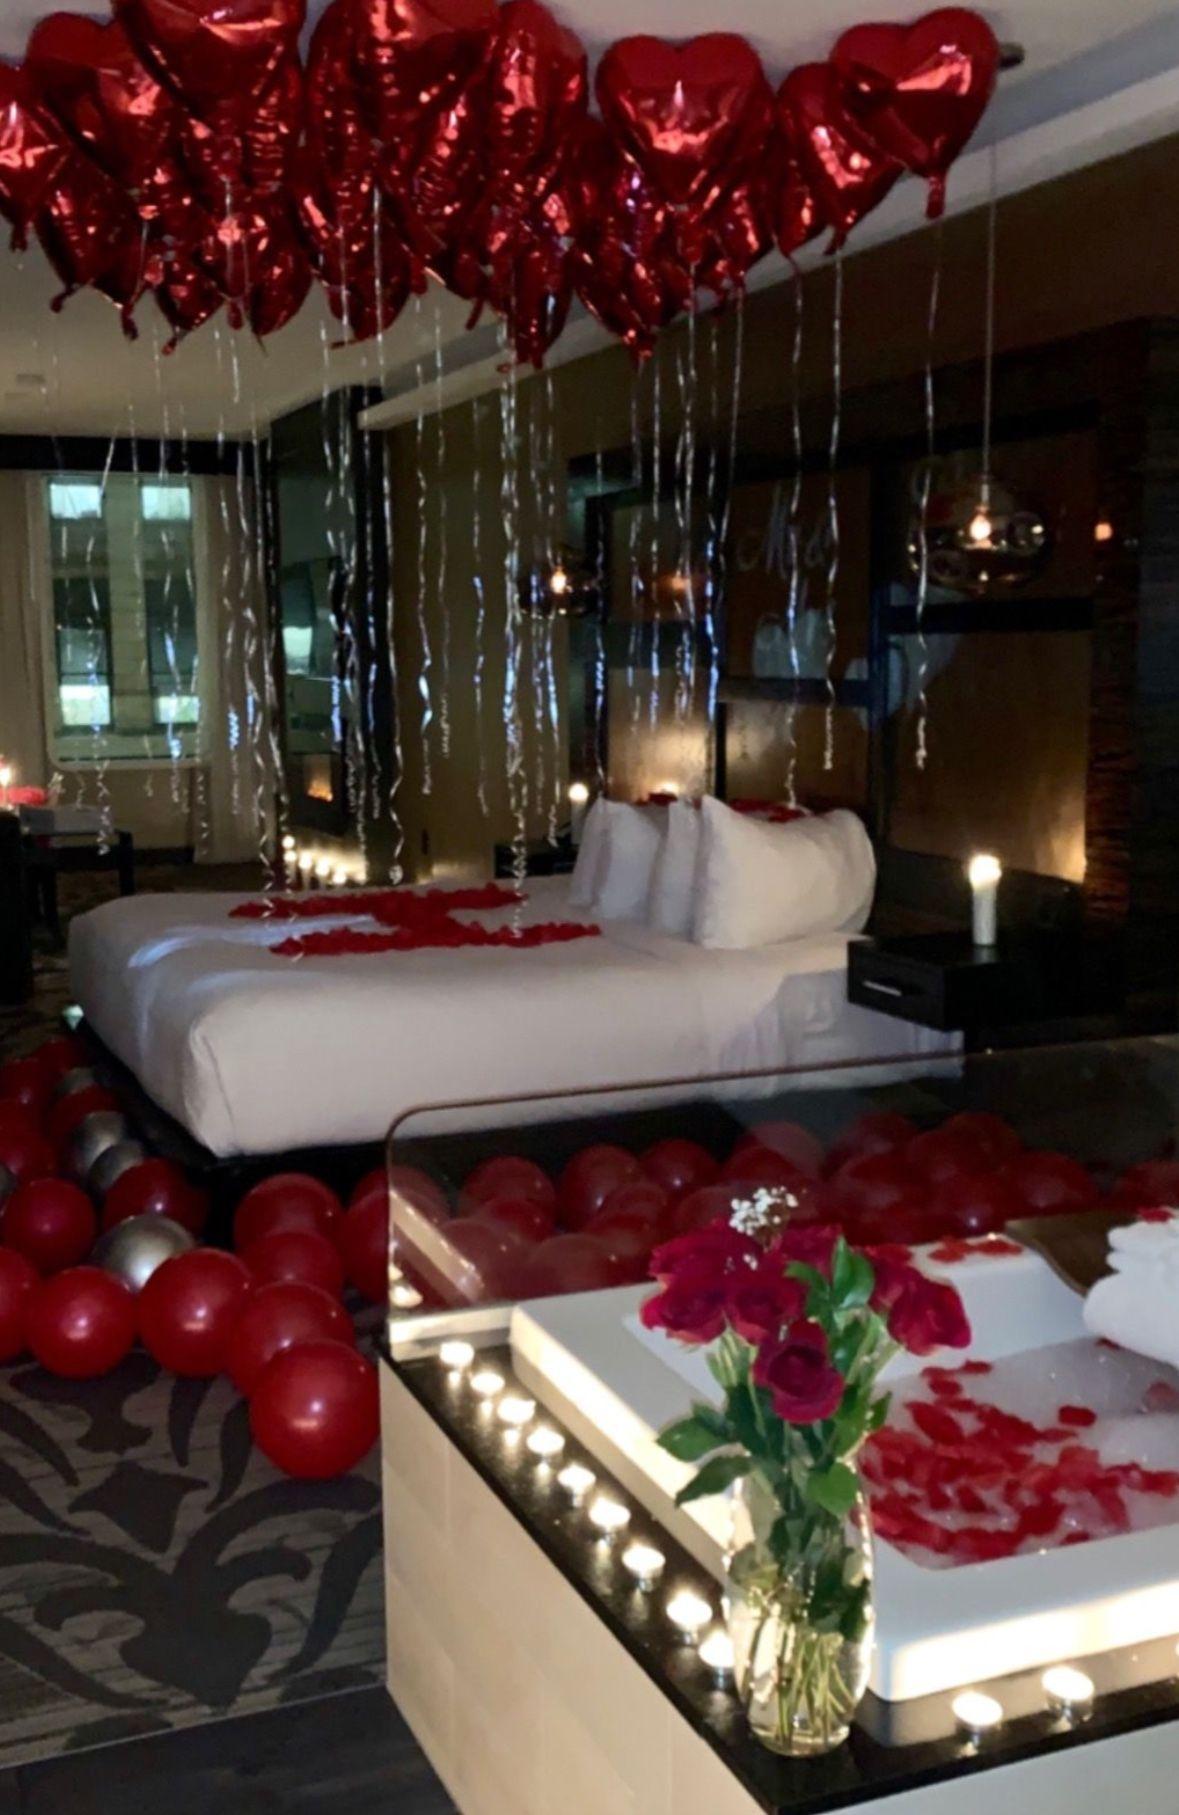 Anniversarysurprise In 2020 Romantic Room Surprise Romantic